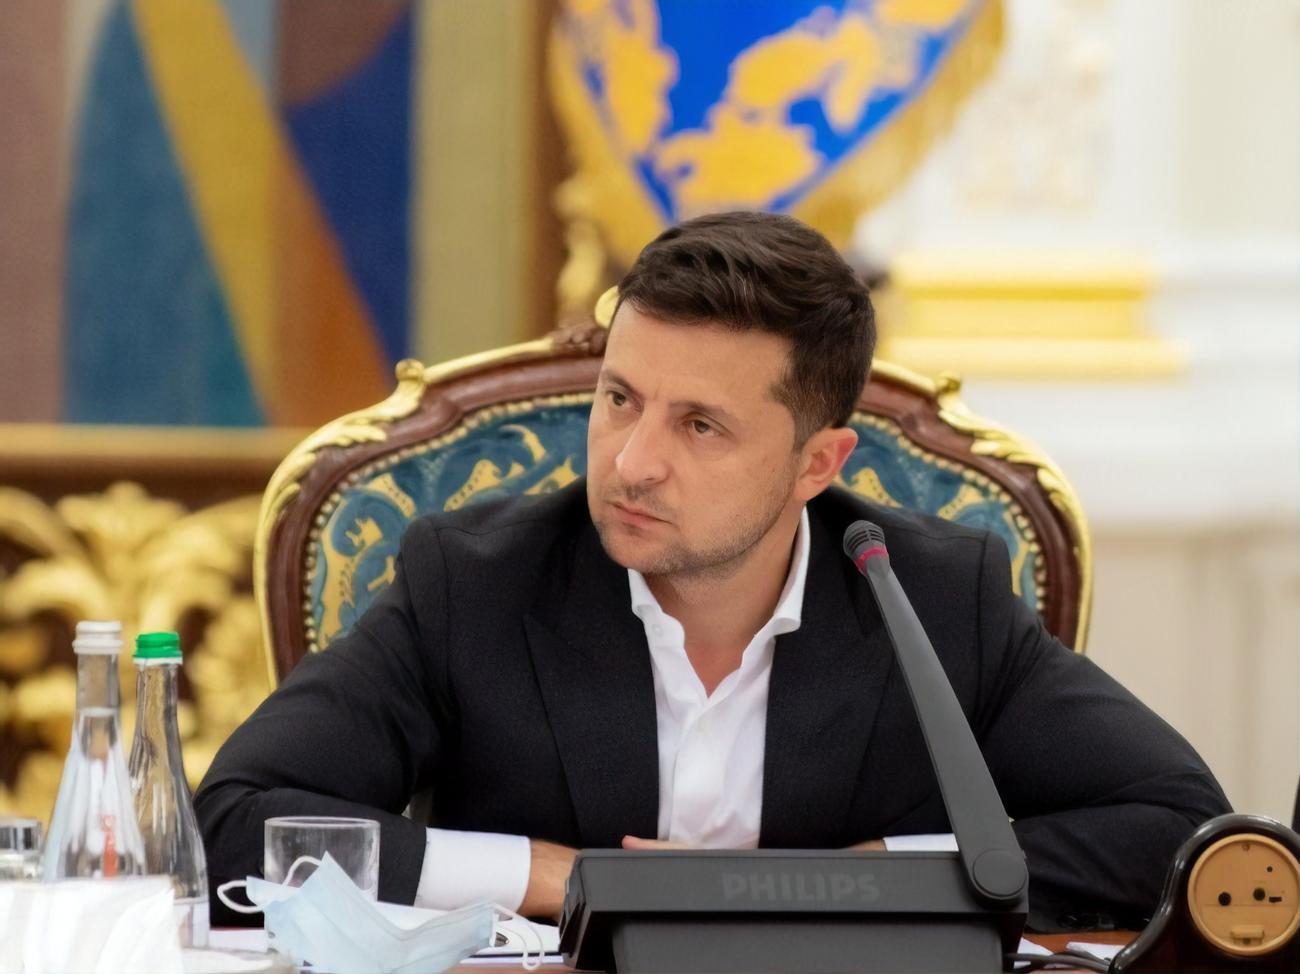 СМИ показали все 5 вопросов Зеленского на опрос 25 октября